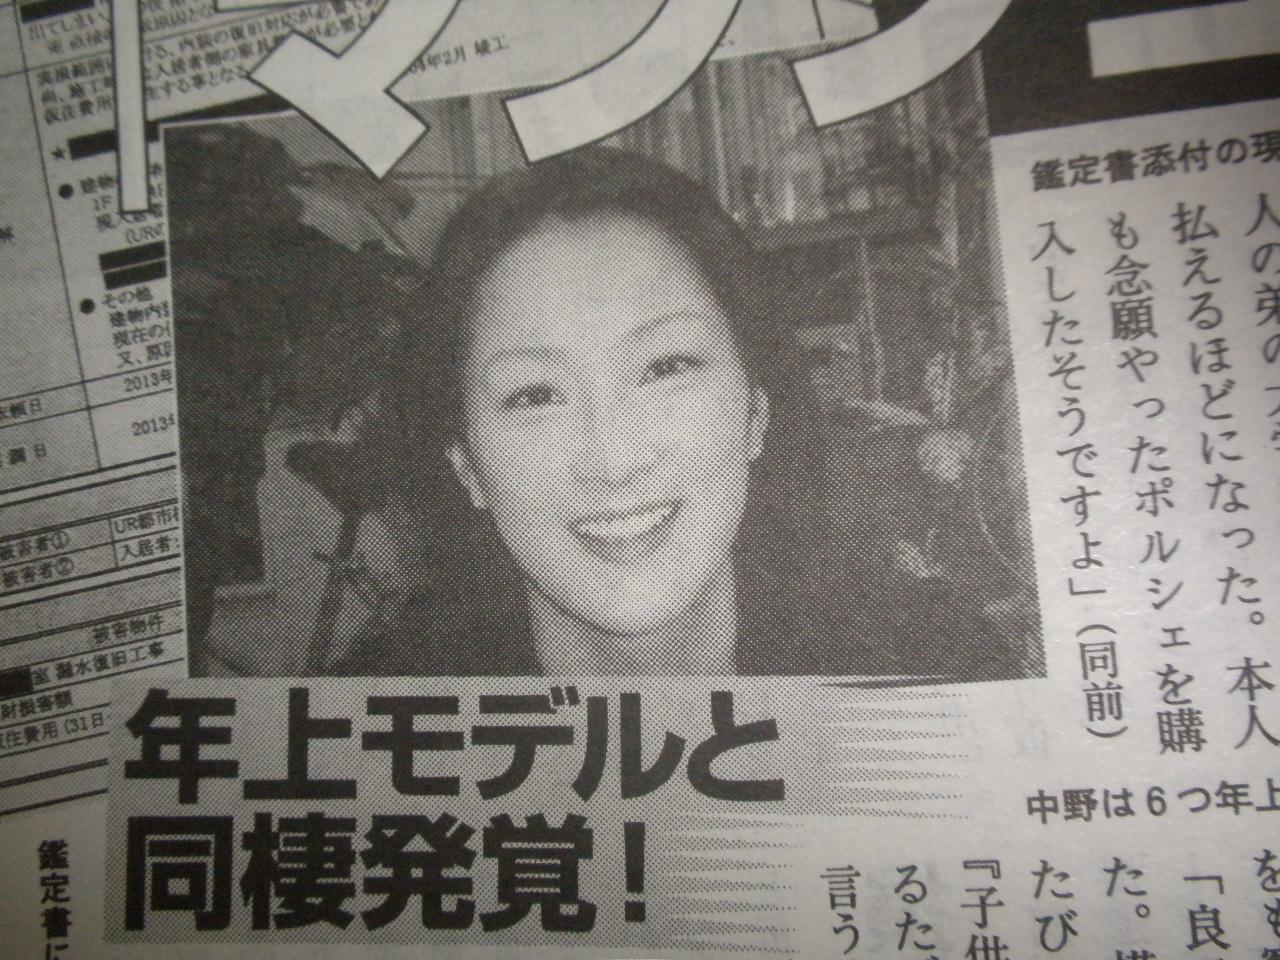 横山裕 彼女 中野良子 中野良子さん(38歳) ダジャレっぽい名前だけど本名みたいね。 すっきり